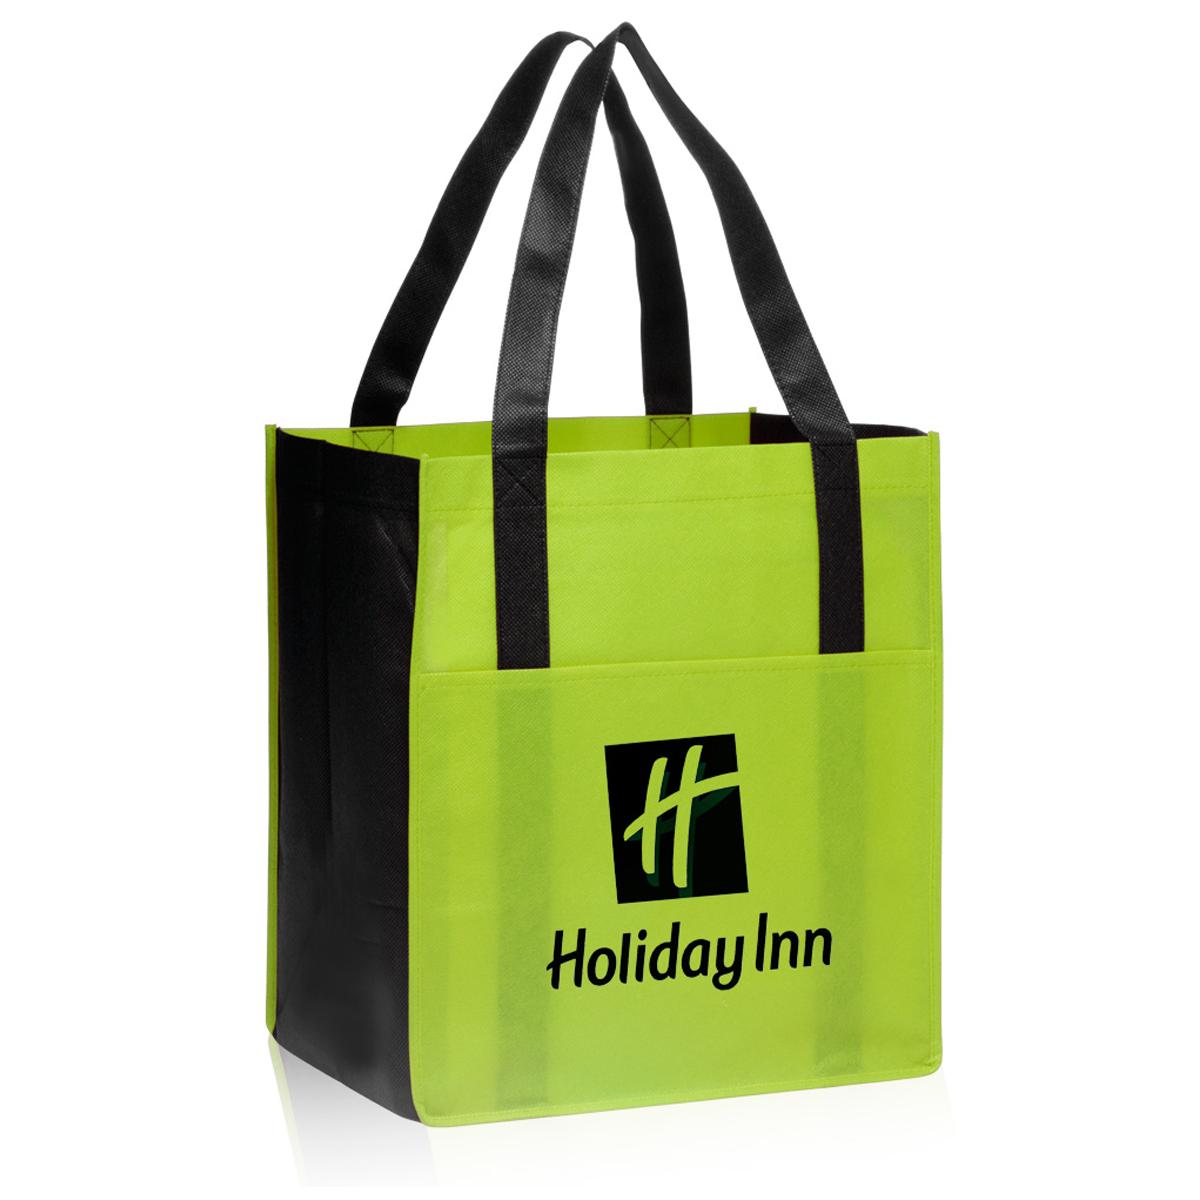 Non Woven Shopper Tote Bag 13 X 14 5 X 9 5 Mines Press